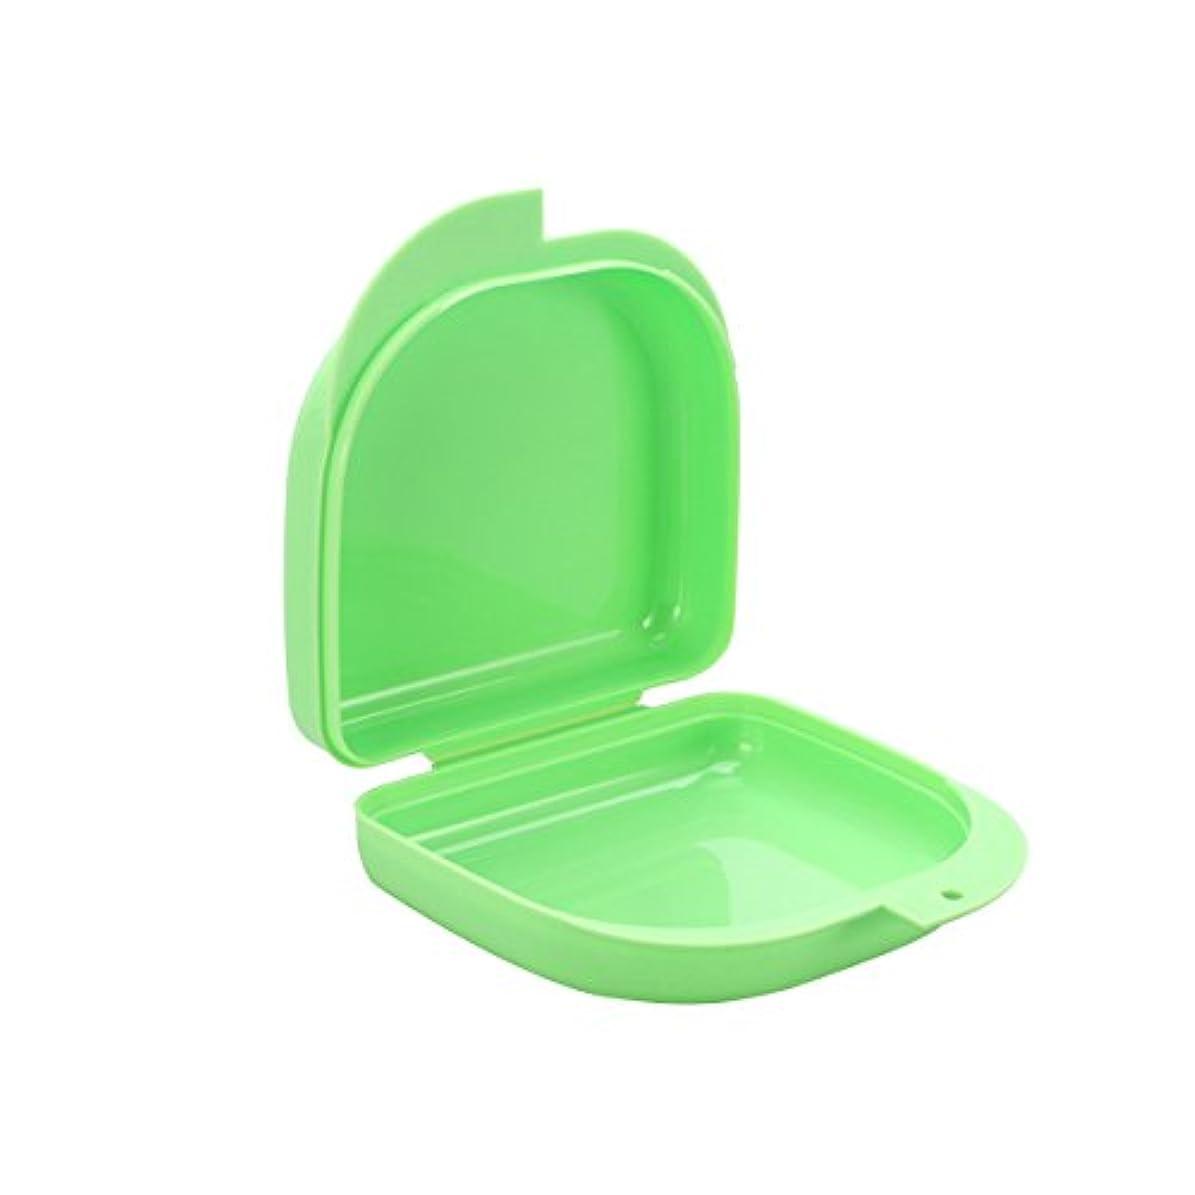 複製する振るう文明ROSENICE 義歯ケース口ガードケース義歯ボックス義歯収納容器(緑)